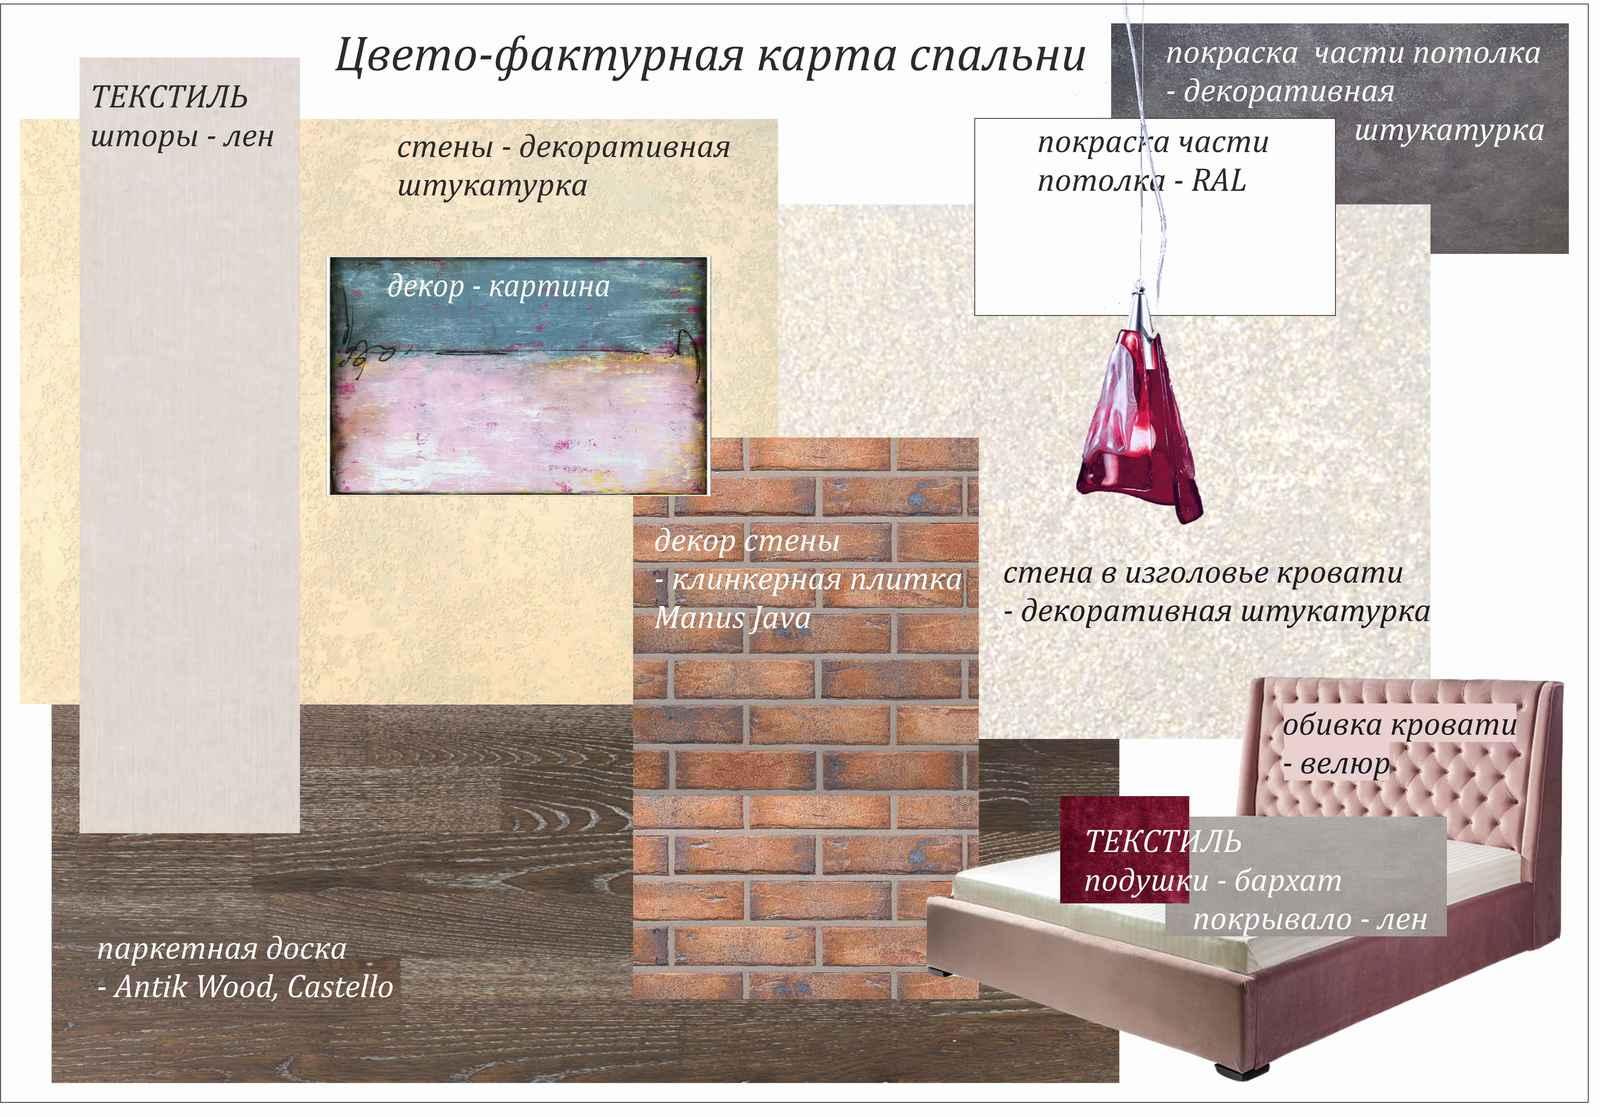 Юлия Виноградова_05_1.jpg